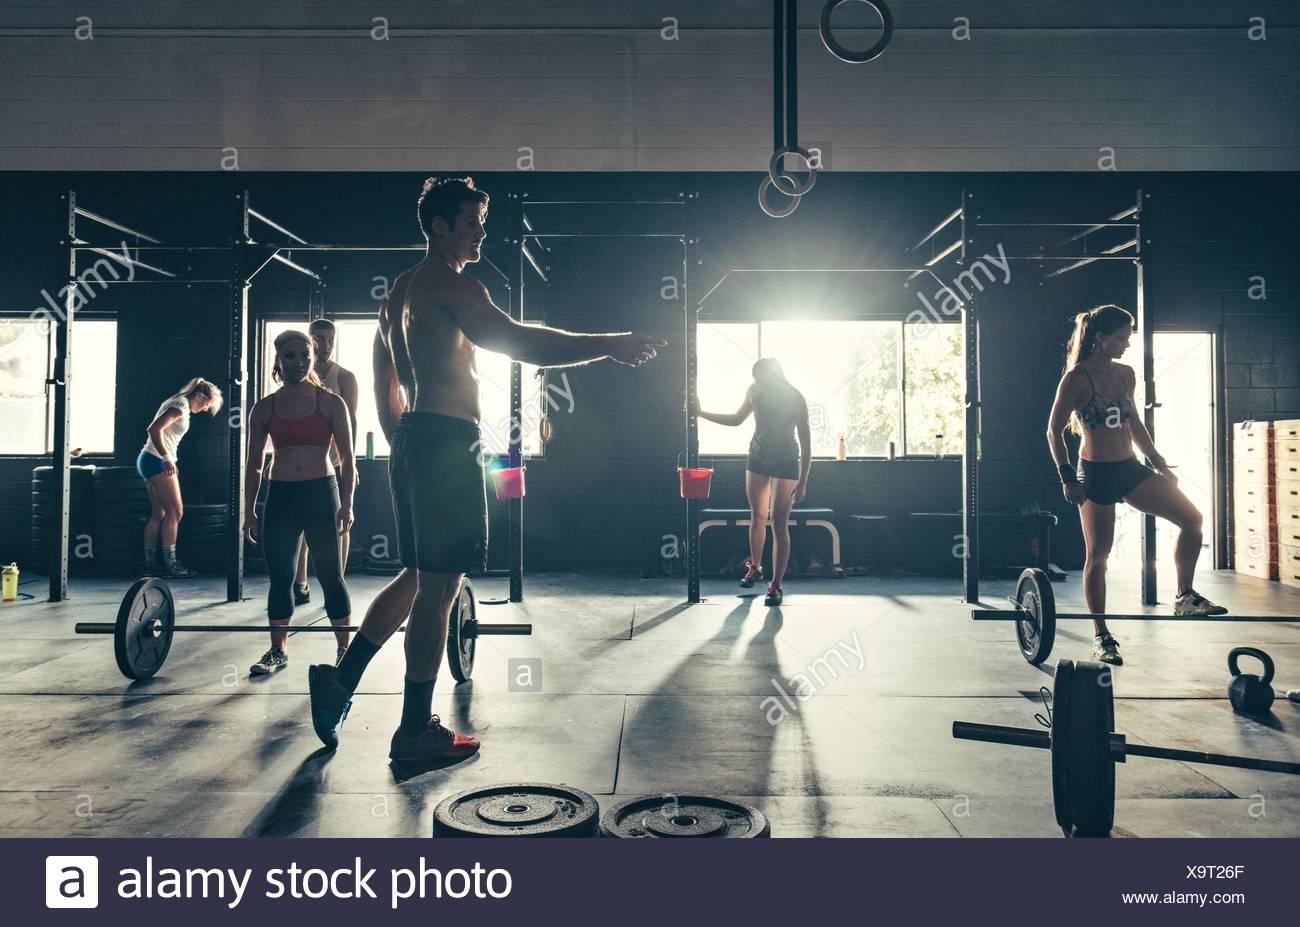 Equipo de gimnasio para preparar la formación Imagen De Stock